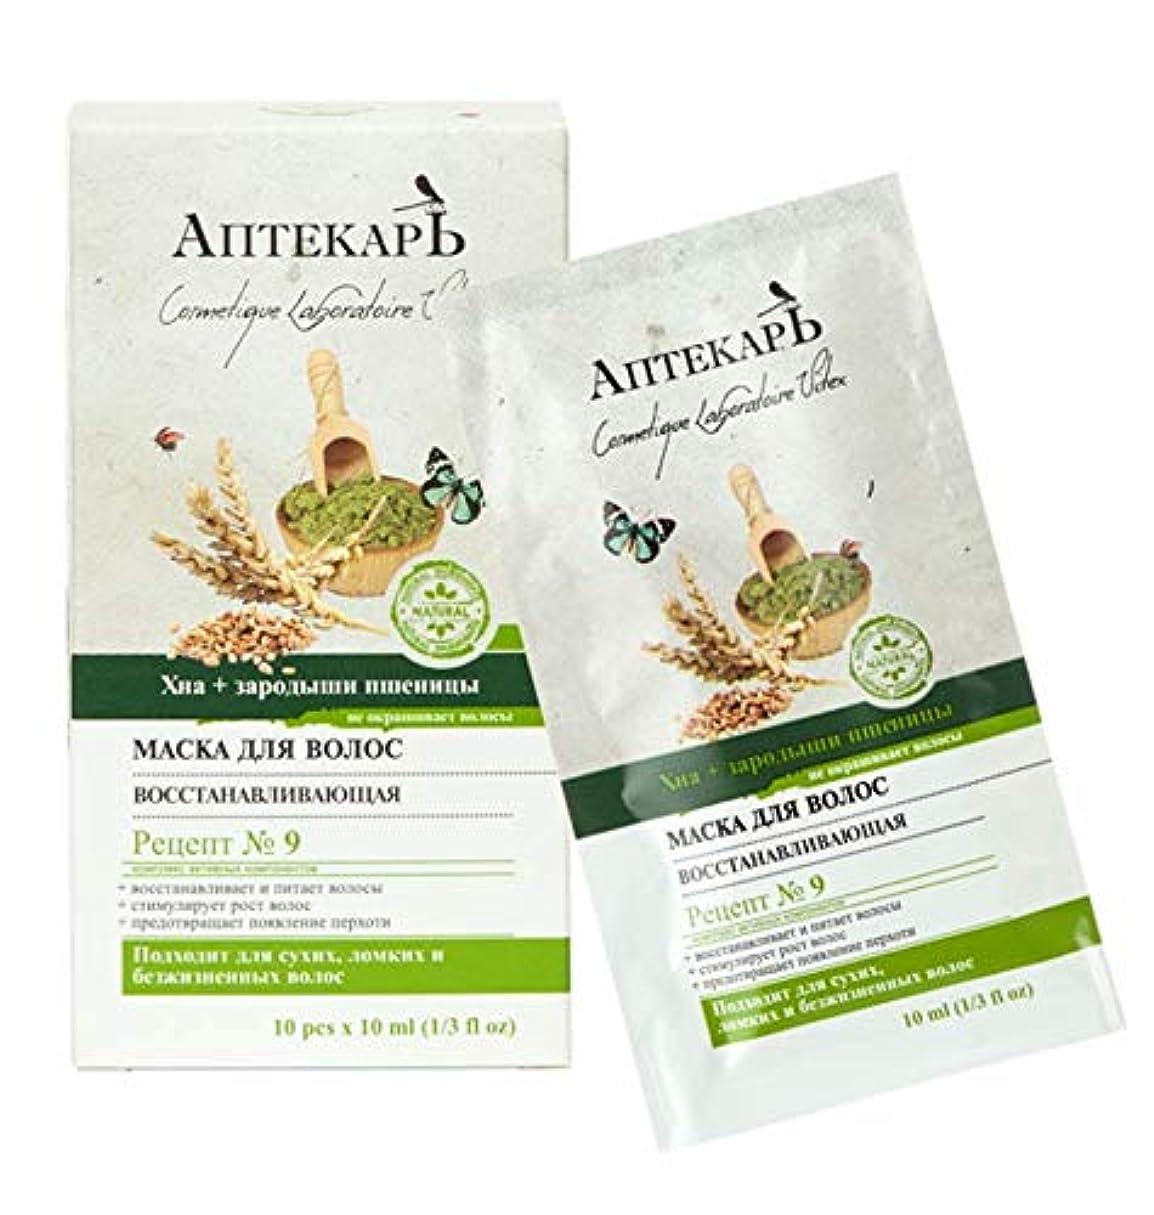 雪キャップ戦術Bielita & Vitex | Chemist Line | The mask for hair restoring Henna + wheat germ (1 sachet) | Recipe number 9 | 10 pcs * 10 ml |